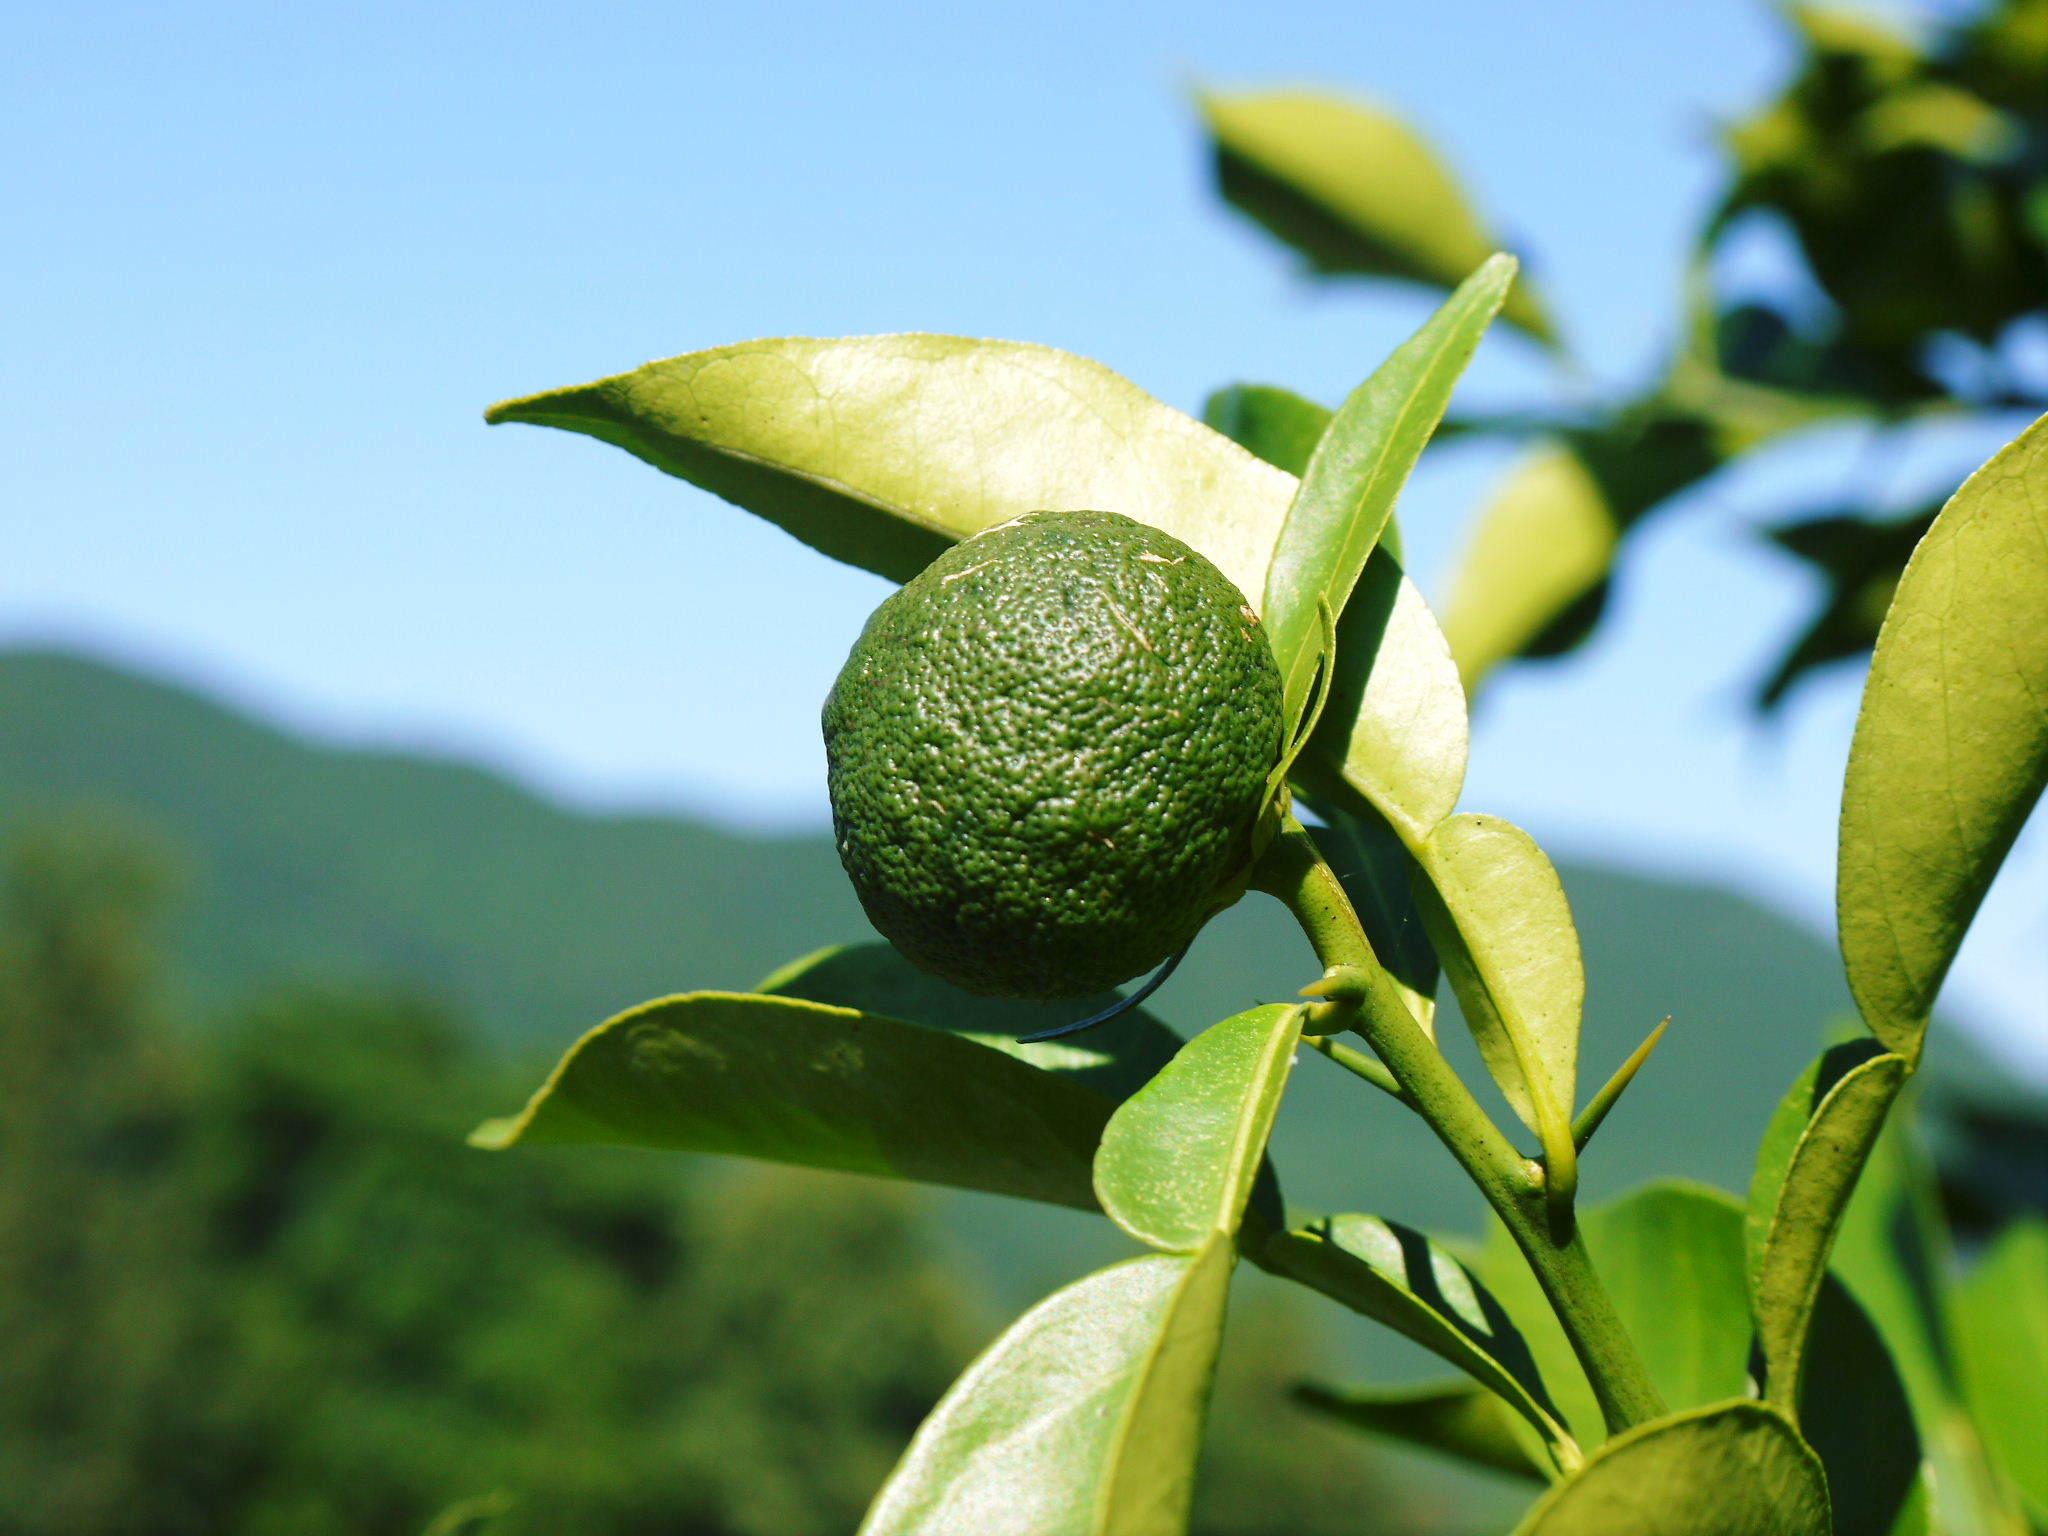 香り高き柚子(ゆず) 着果の様子を現地取材(2020) 今年もまずは青柚子を9月中旬からの出荷予定です!_a0254656_17344267.jpg